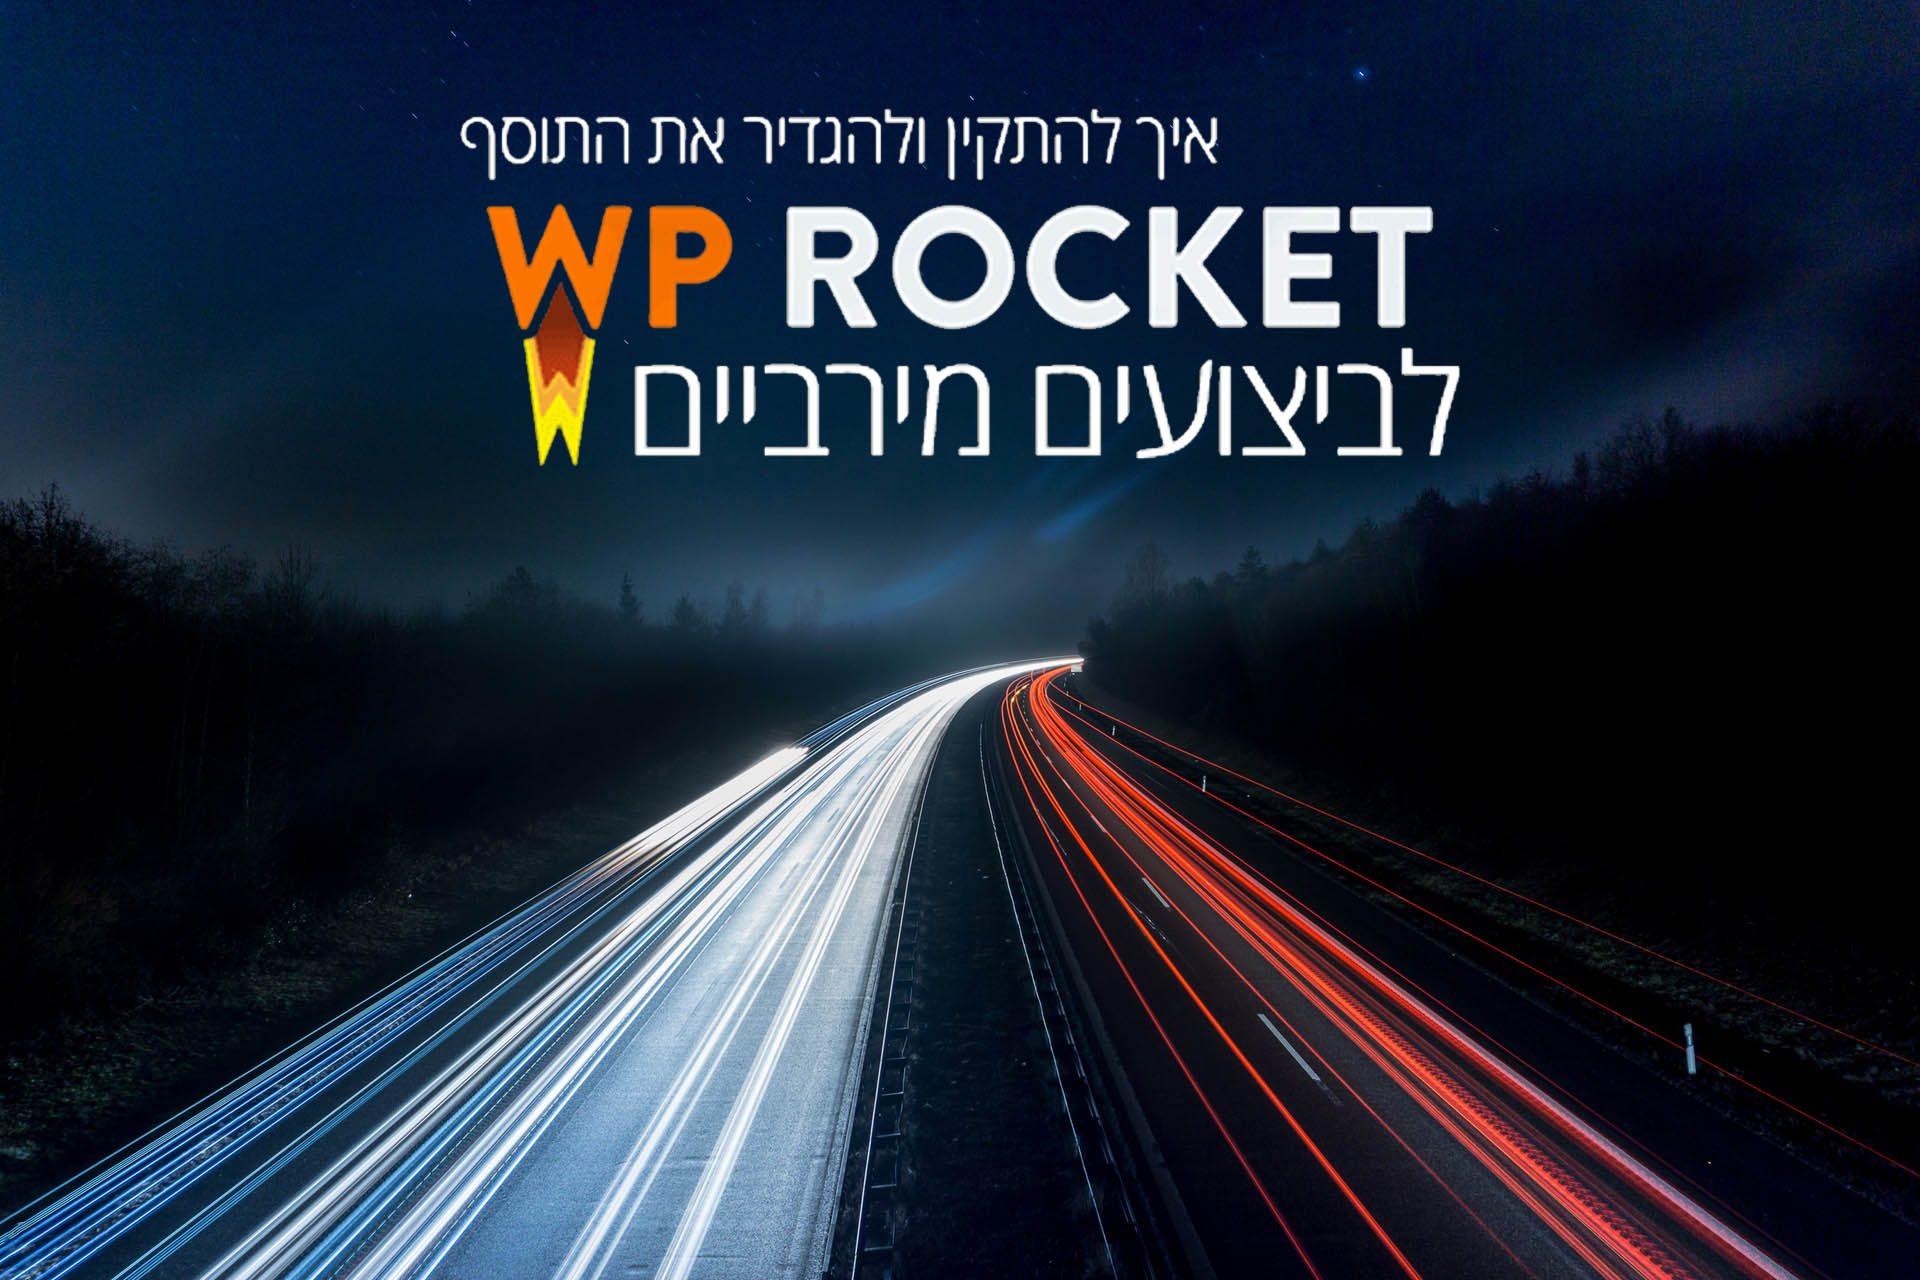 איך להתקין ולהגדיר את התוסף WP Rocket לביצועים מירביים